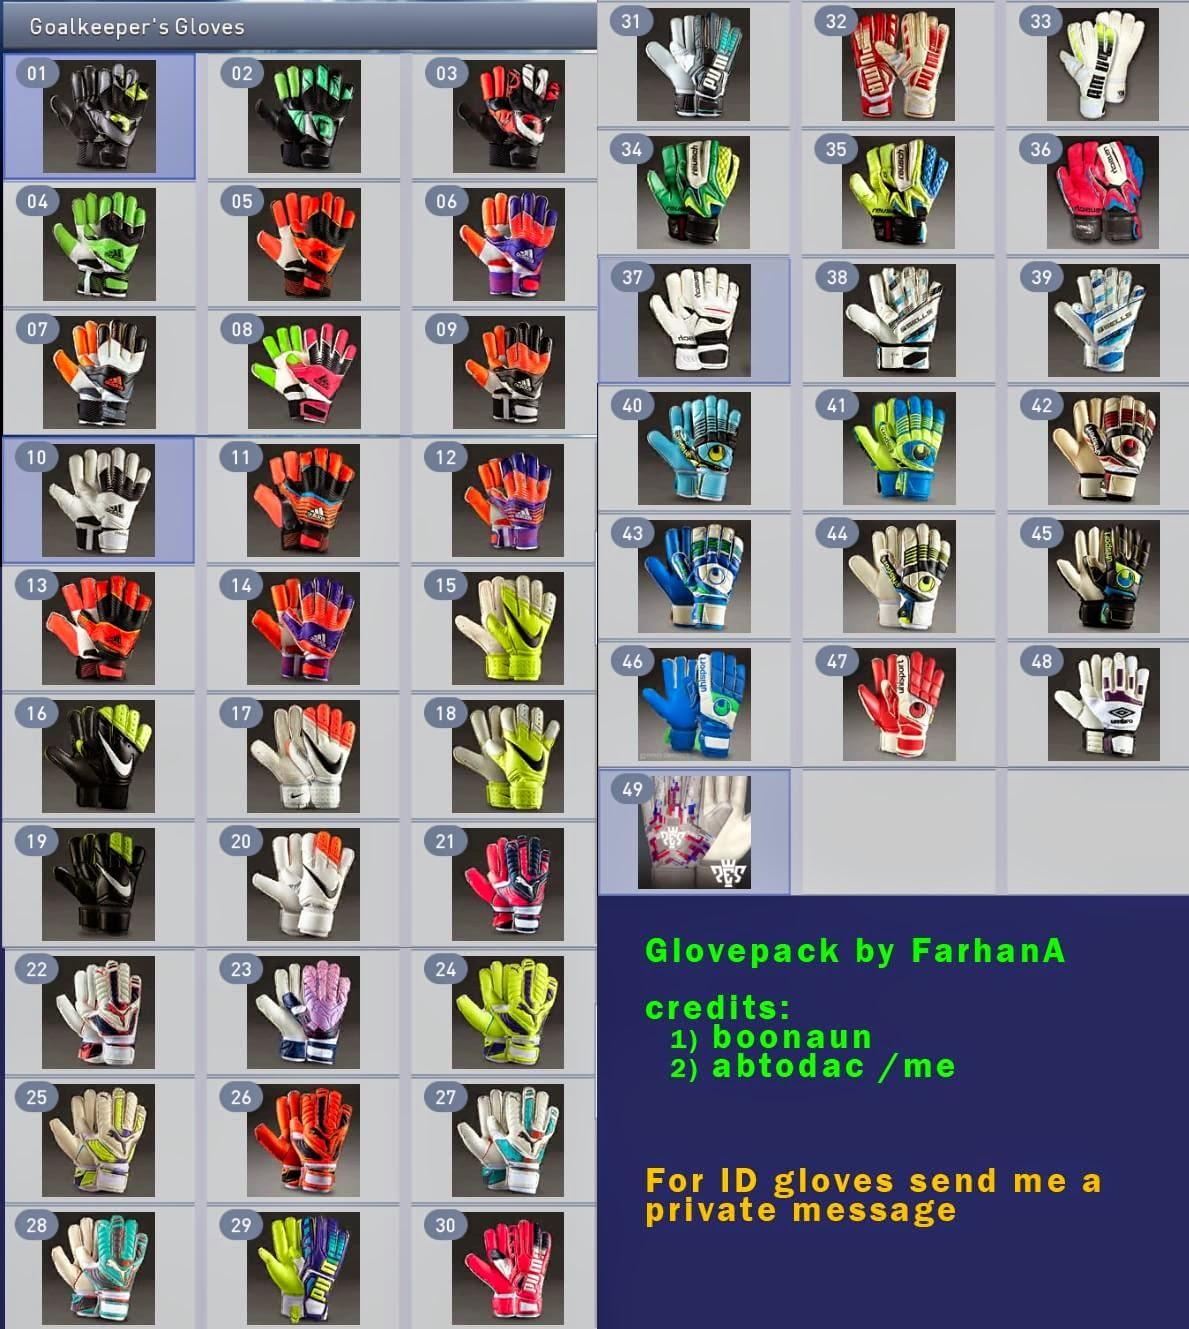 Pes 2013 Pc Edições Evolution: [PES 2015 PC] Mega Pacote De Luvas De Goleiro By FarhanA